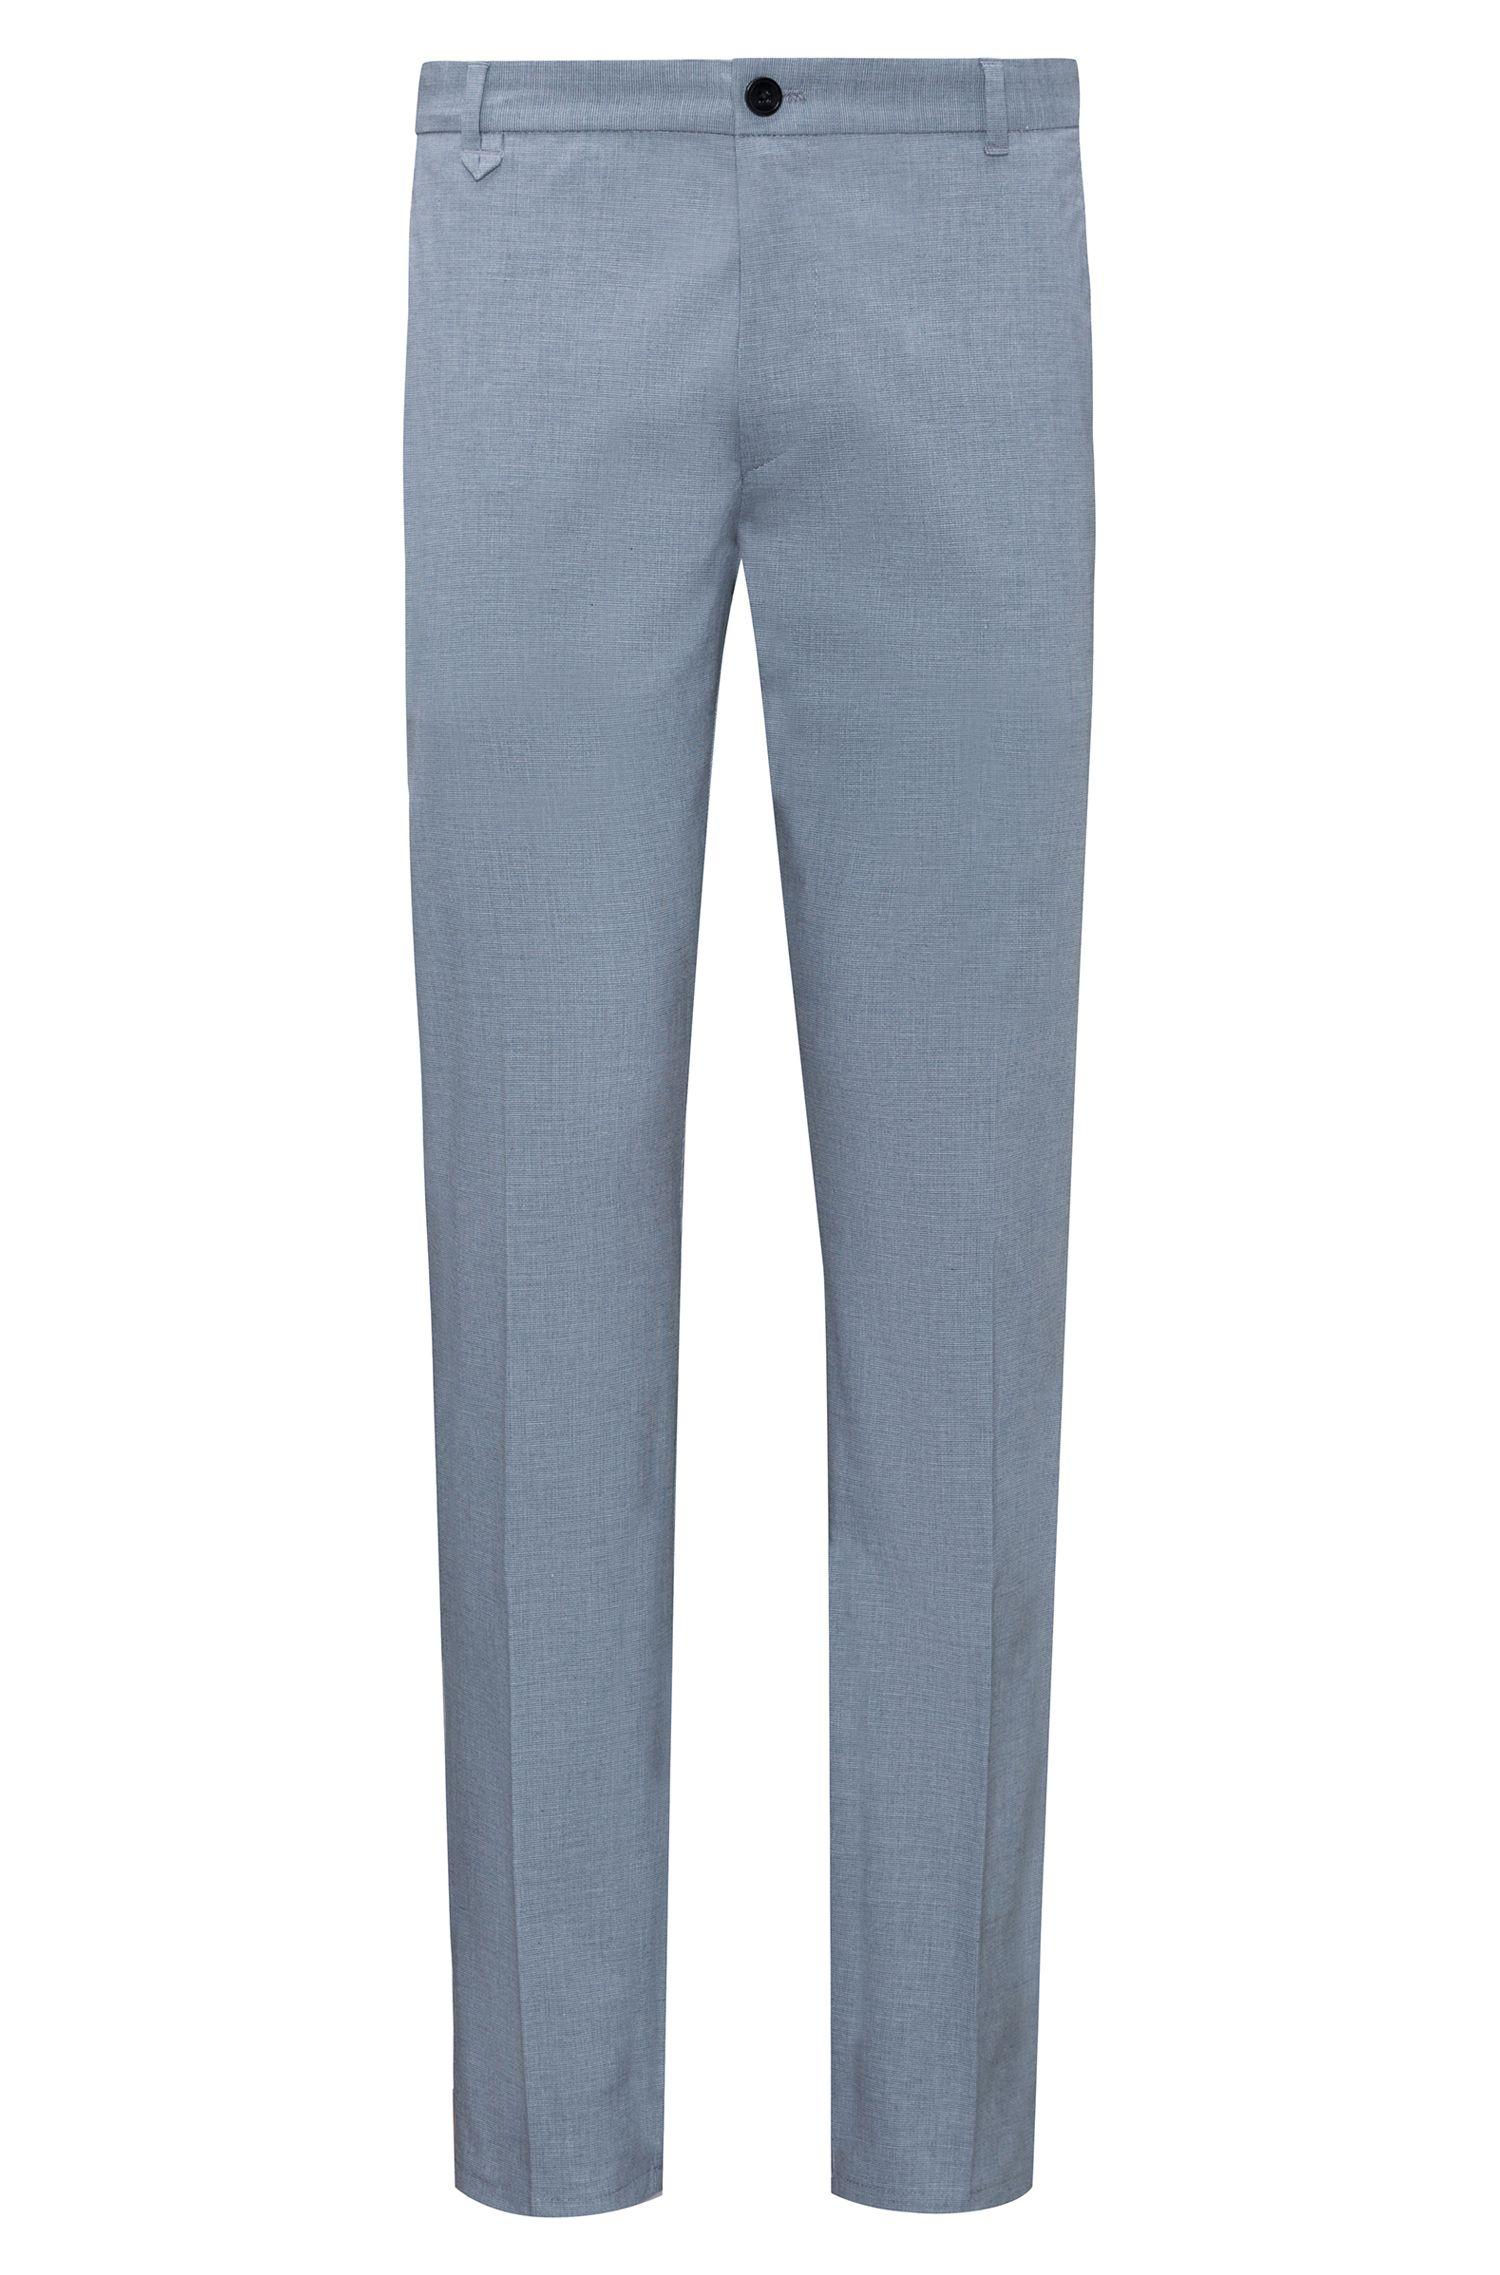 Pantaloni extra slim fit in cotone elasticizzato con microlavorazione